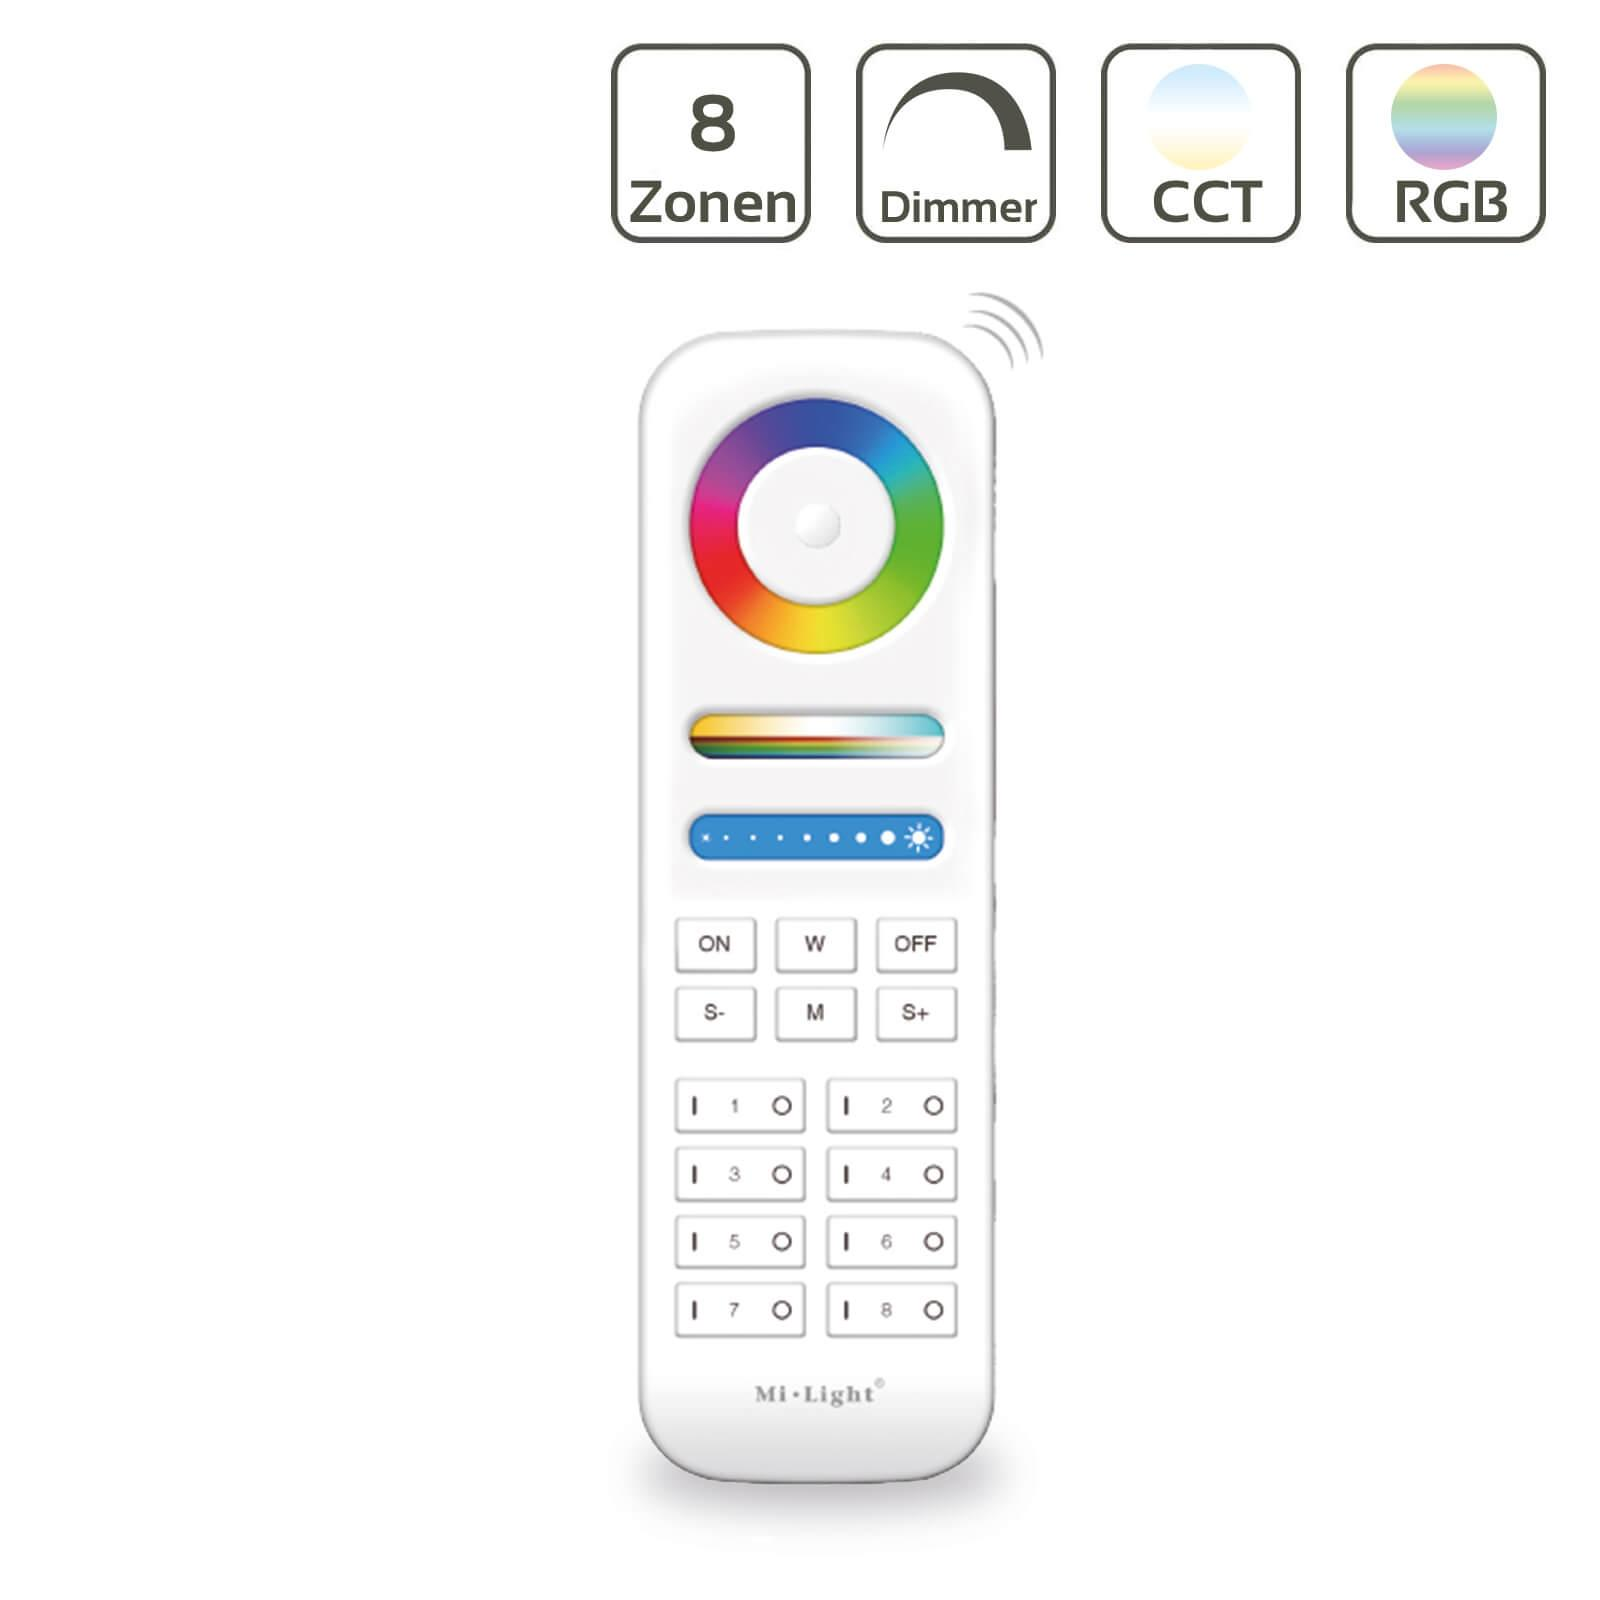 MiBoxer RGB+CCT Fernbedienung 8 Zonen Dimmen Schalten Farbsteuerung FUT089